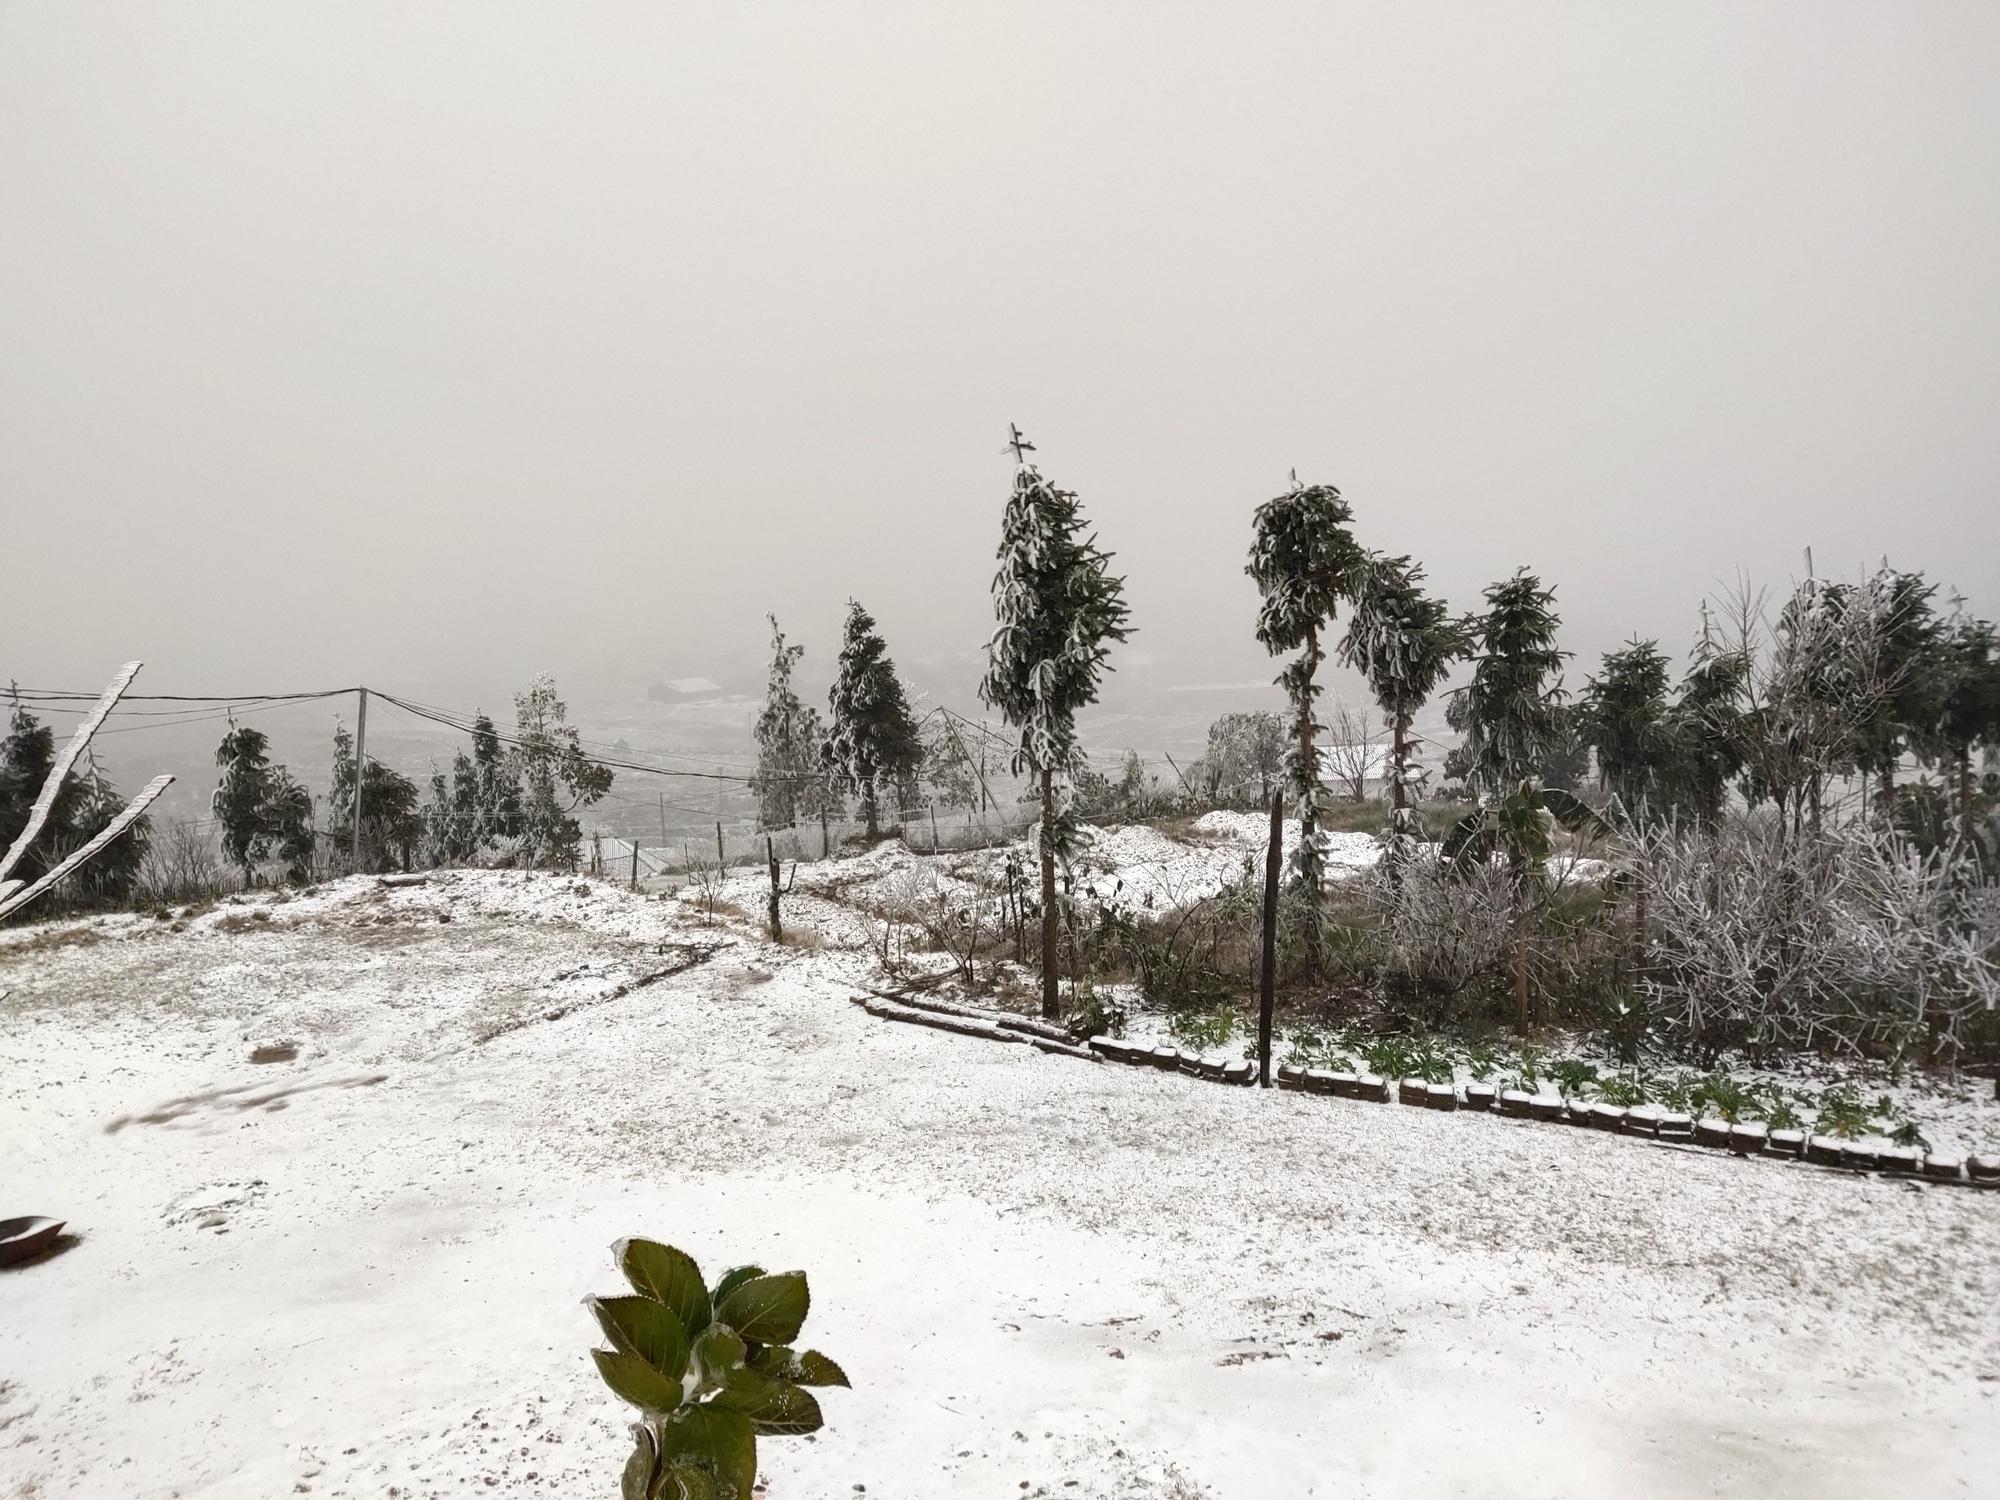 Tuyết rơi dày đặc ở Y Tý, cảnh vật phủ màu trắng xóa như trời Âu - Ảnh 2.